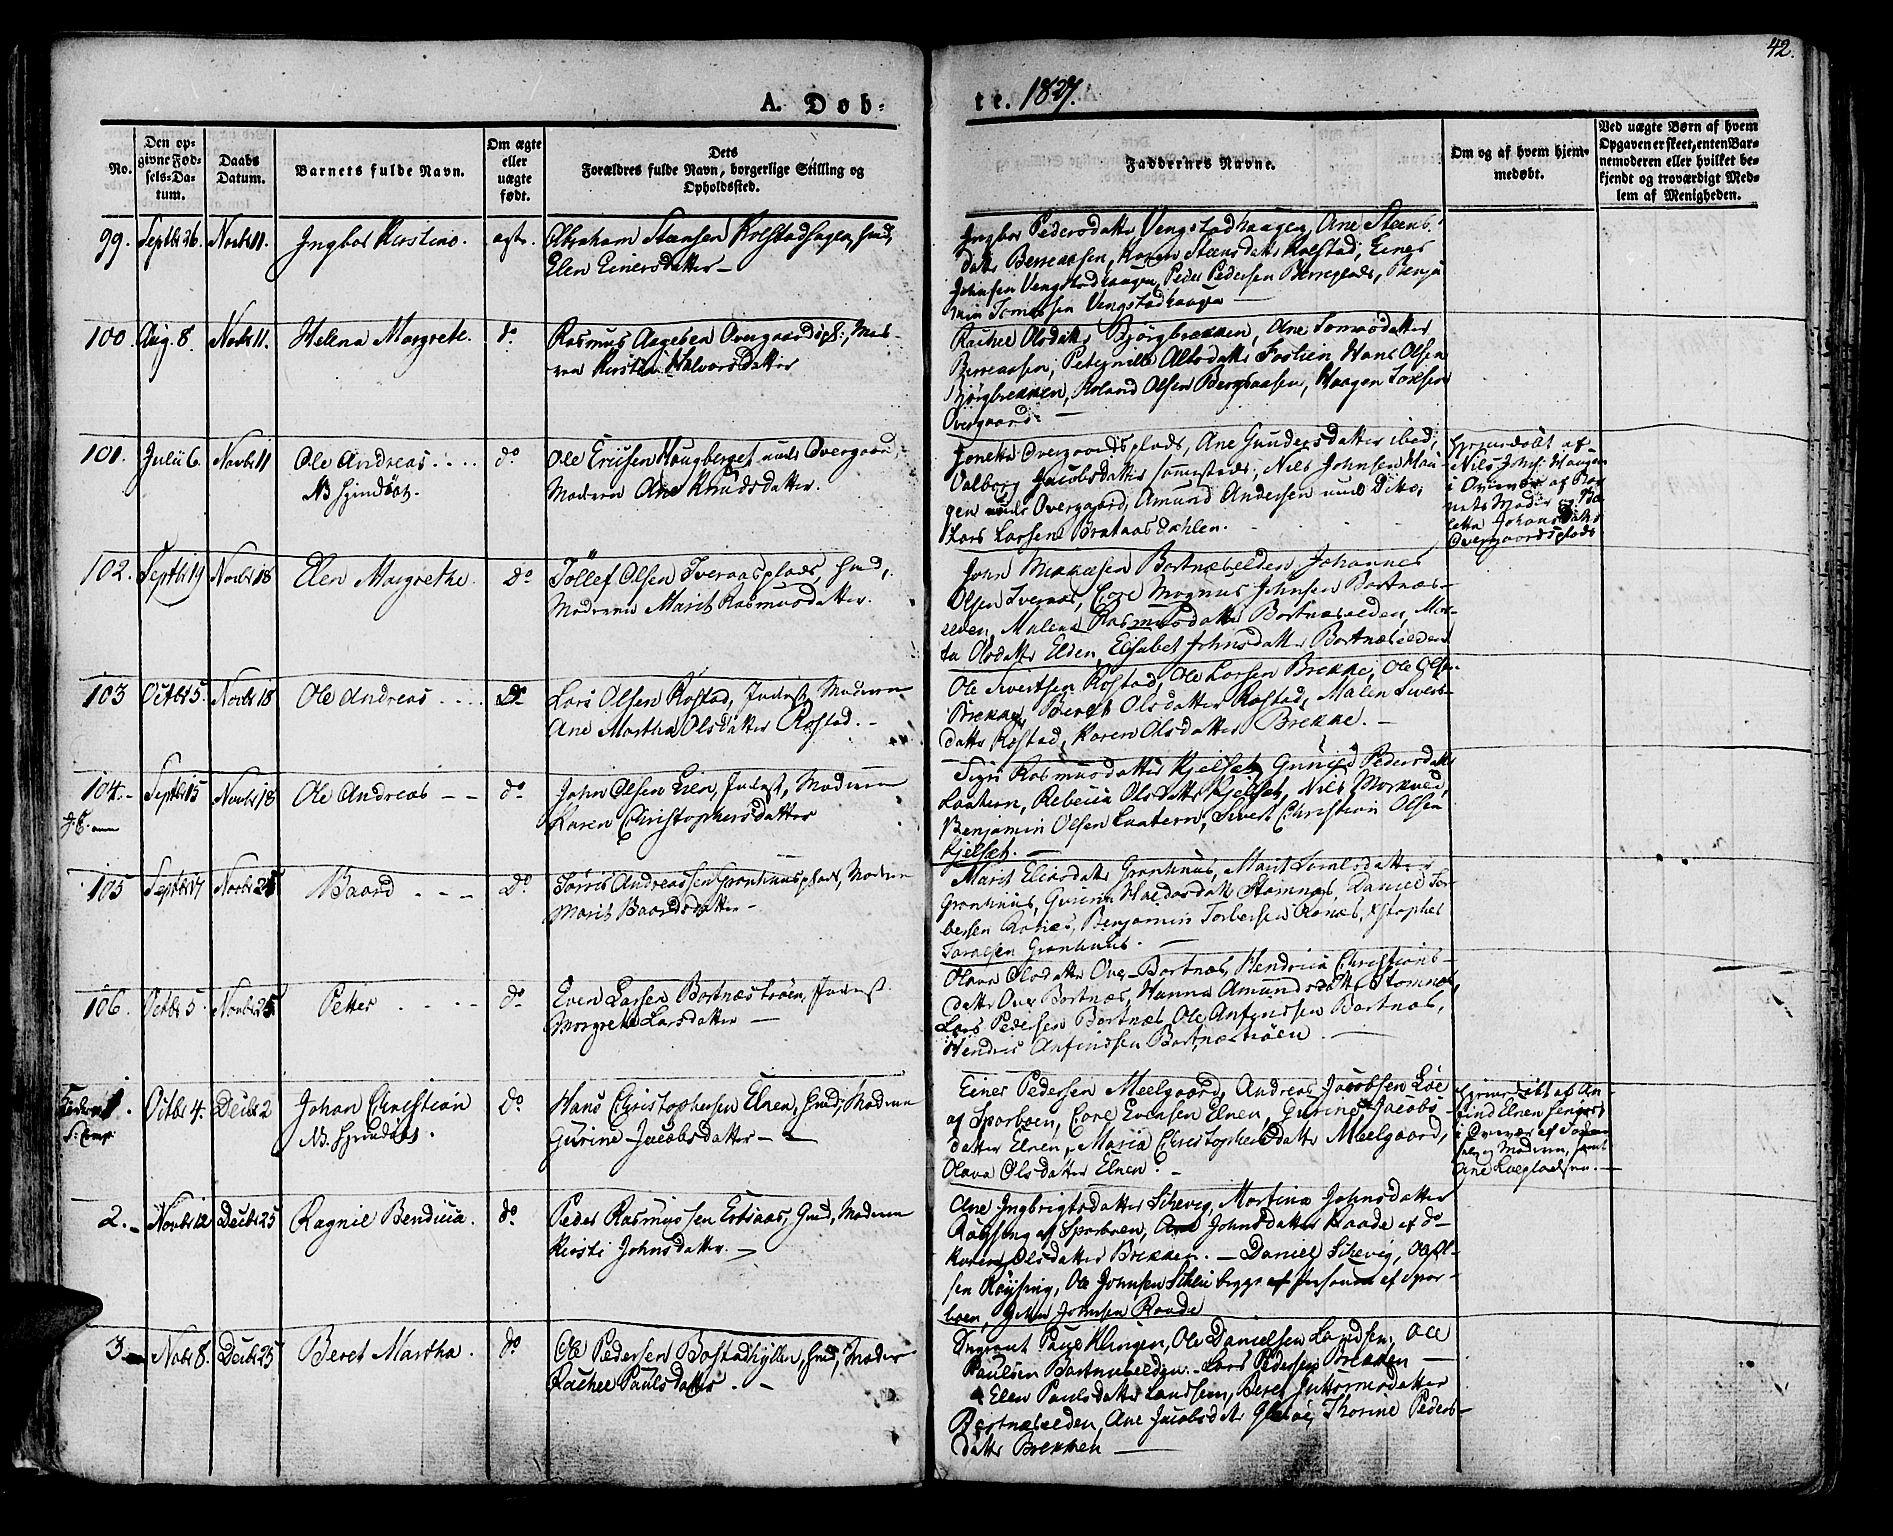 SAT, Ministerialprotokoller, klokkerbøker og fødselsregistre - Nord-Trøndelag, 741/L0390: Ministerialbok nr. 741A04, 1822-1836, s. 42